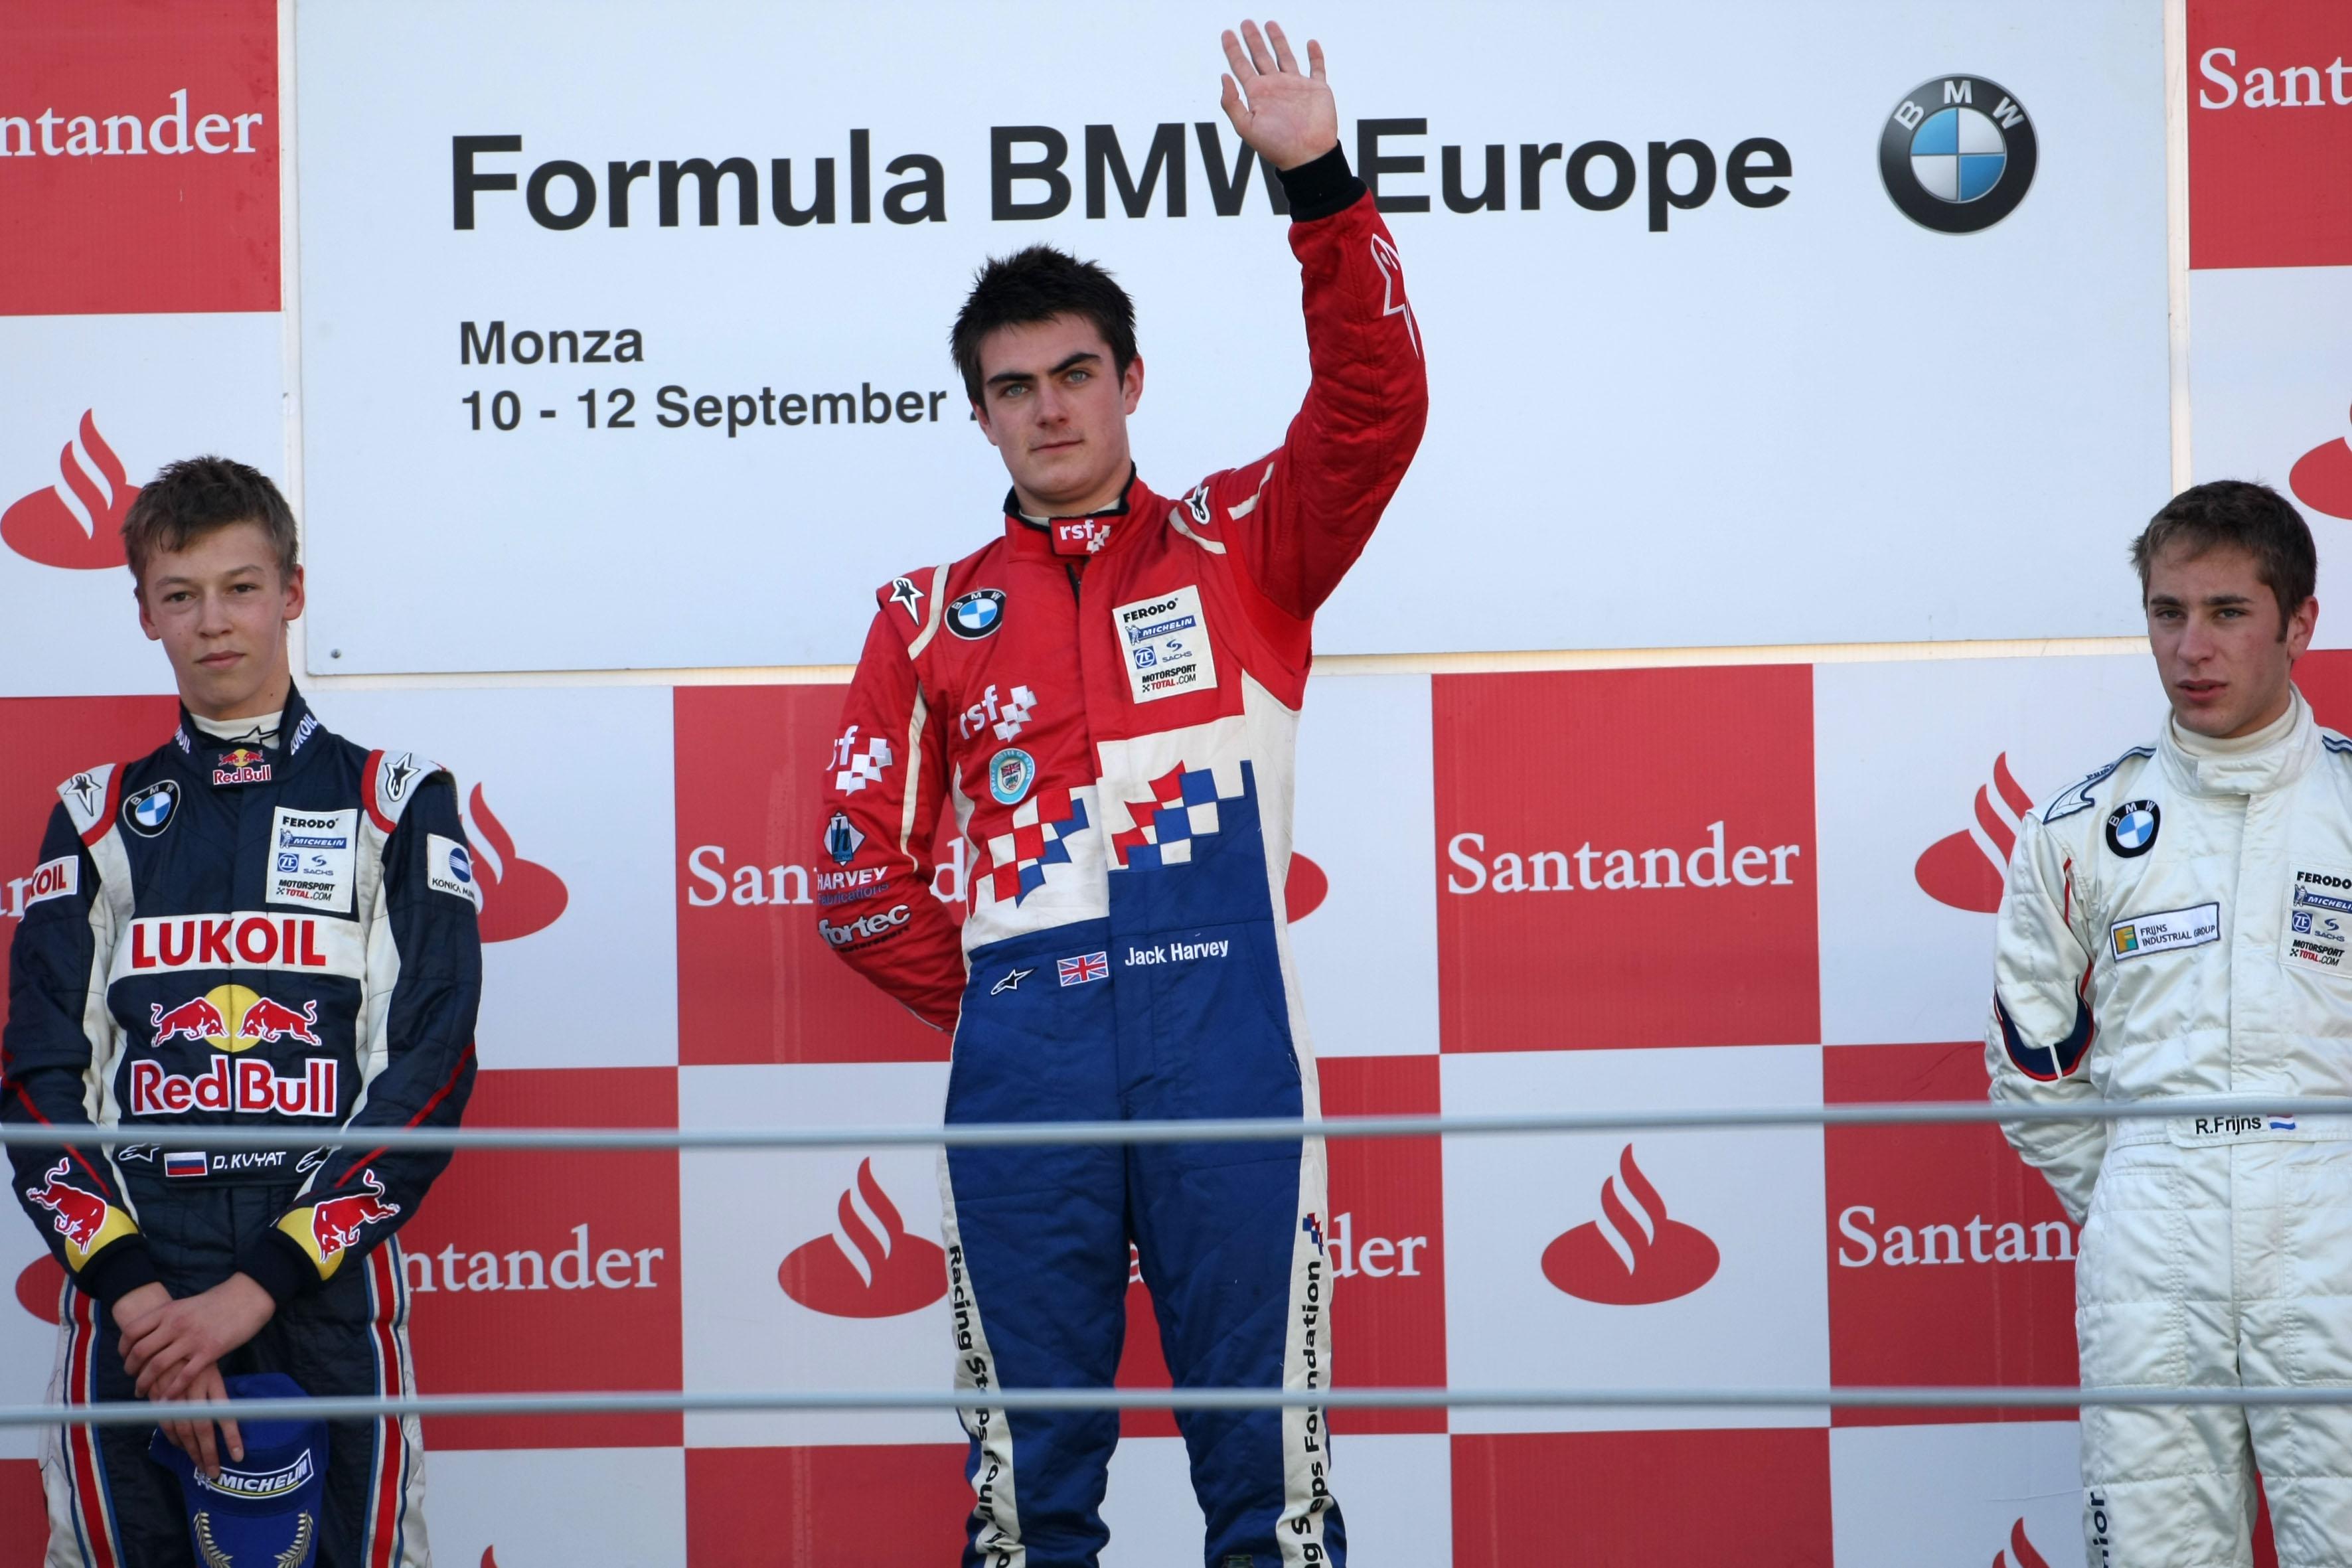 Formula Bmw Europe 2010, Rd 15 & 16, Monza, Italy, Sunday Podium